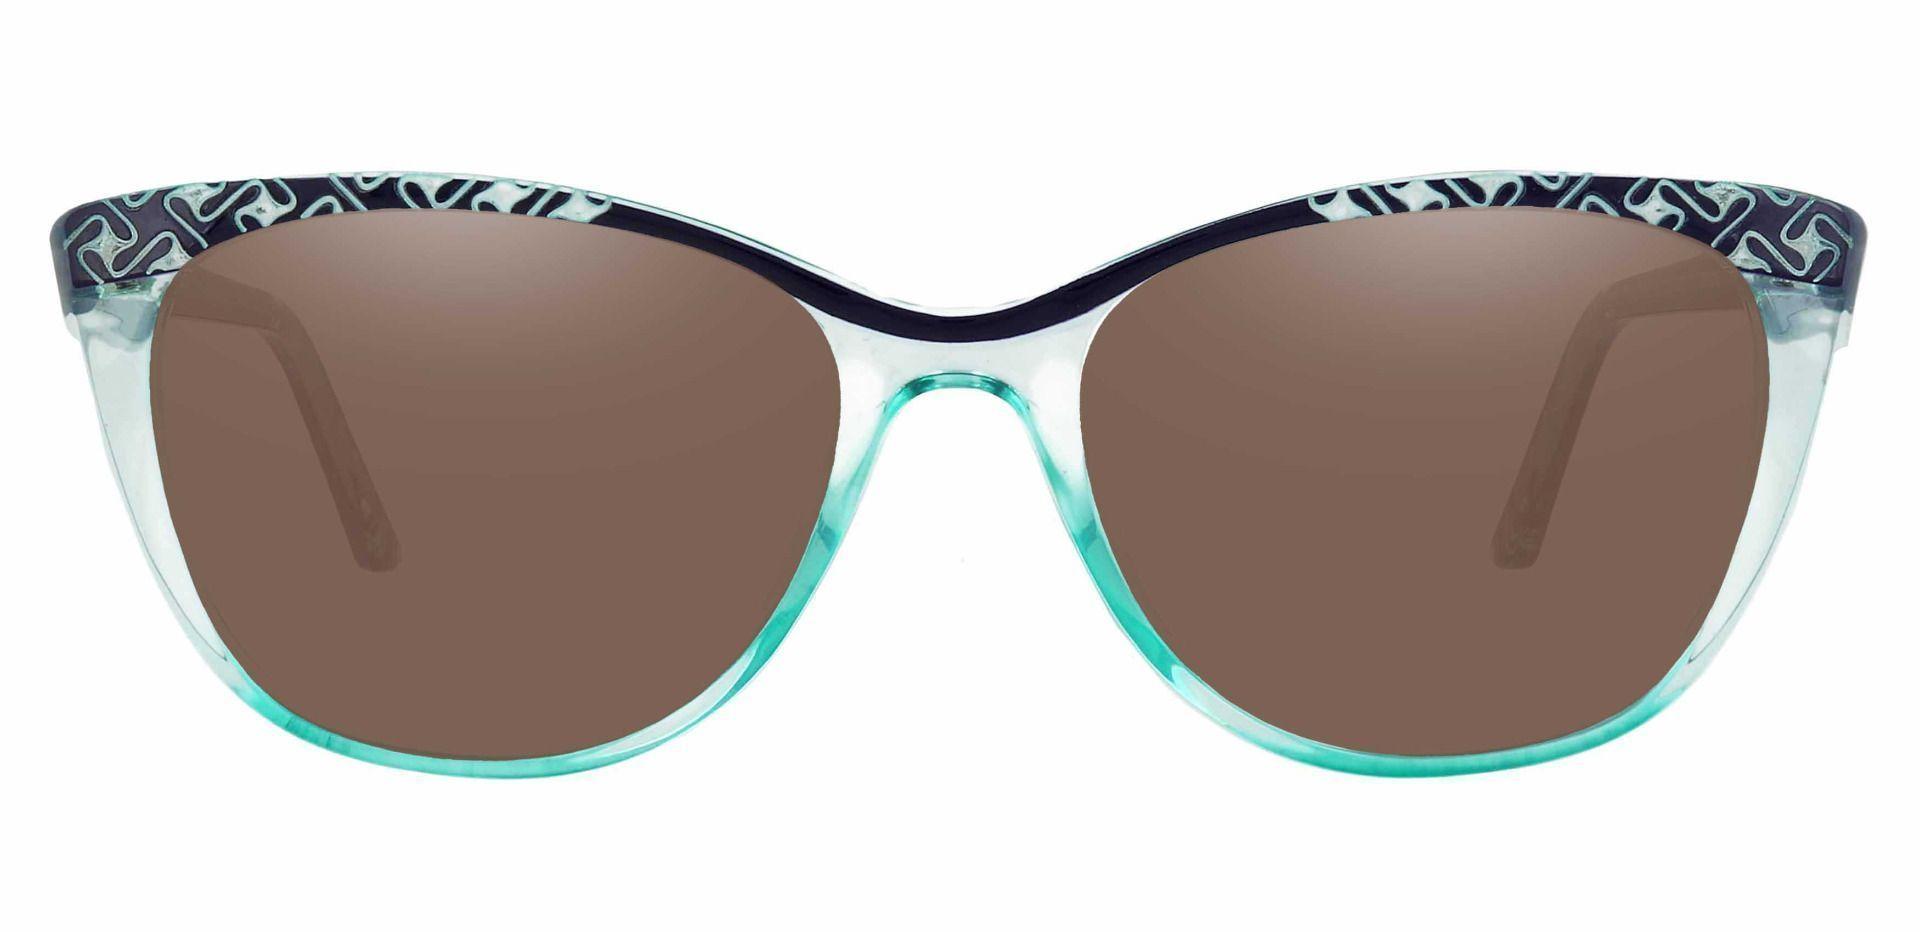 Alberta Cat Eye Progressive Sunglasses - Blue Frame With Brown Lenses